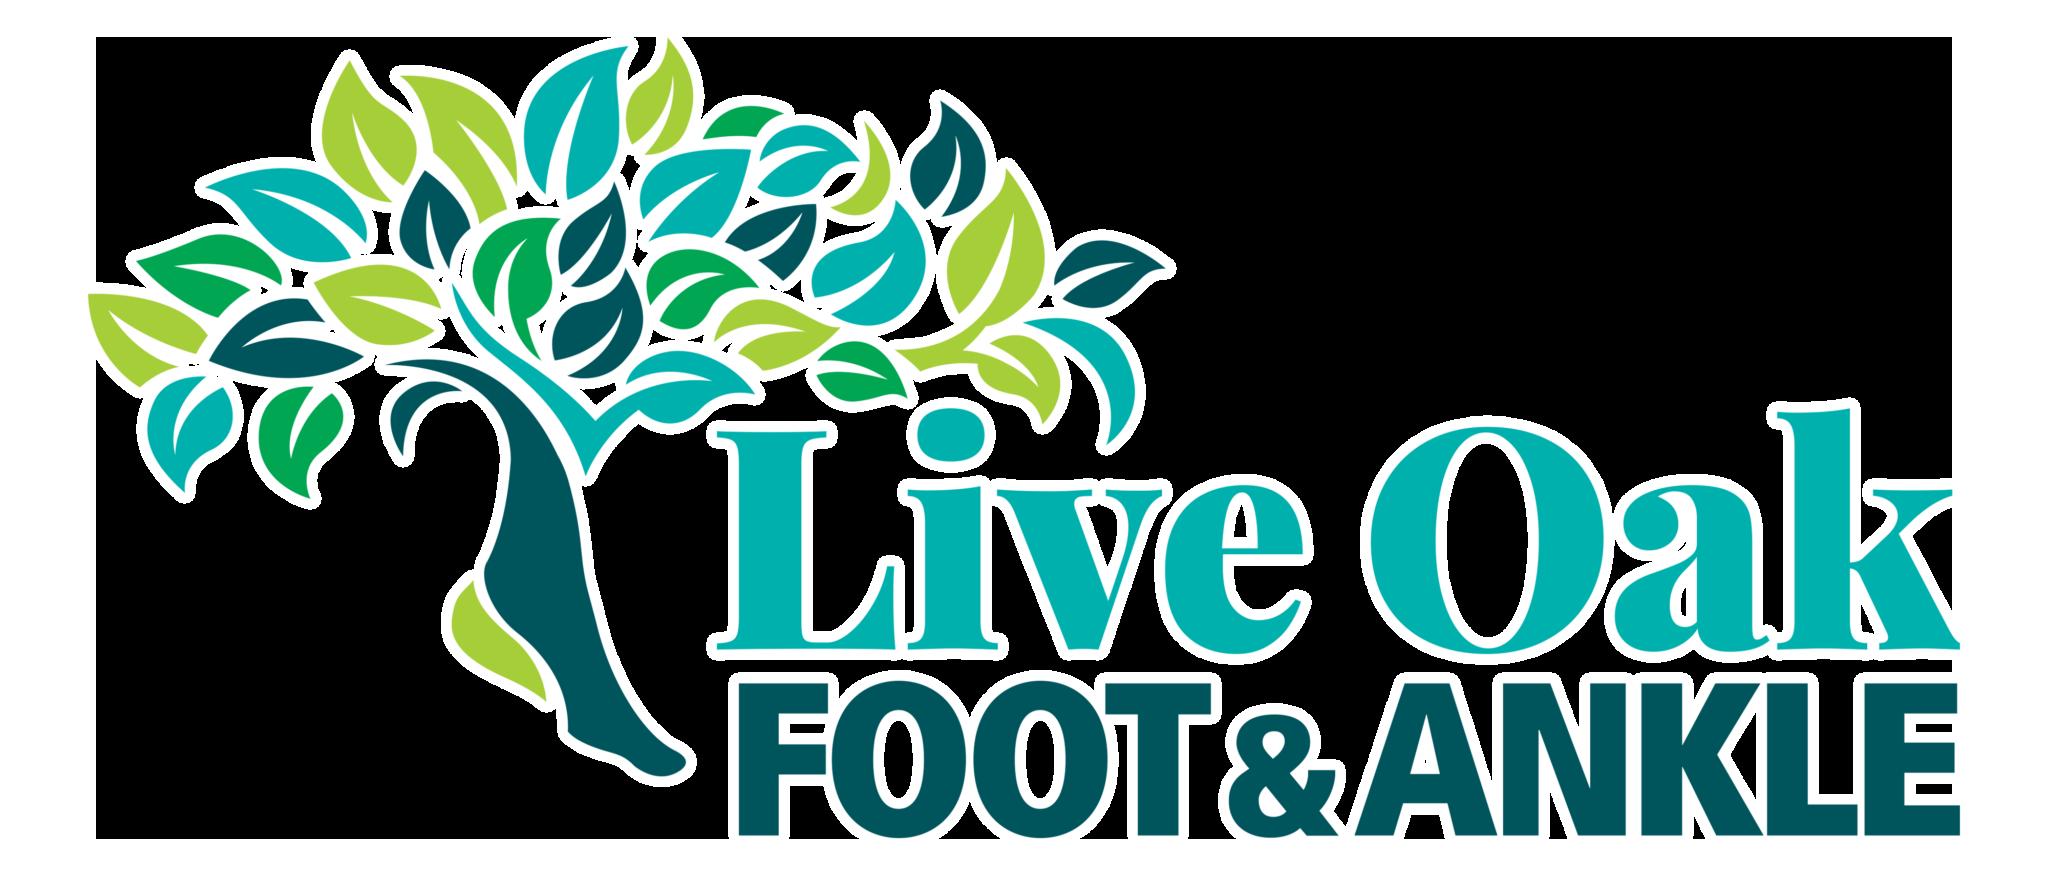 Live Oak Foot & Ankle Logo